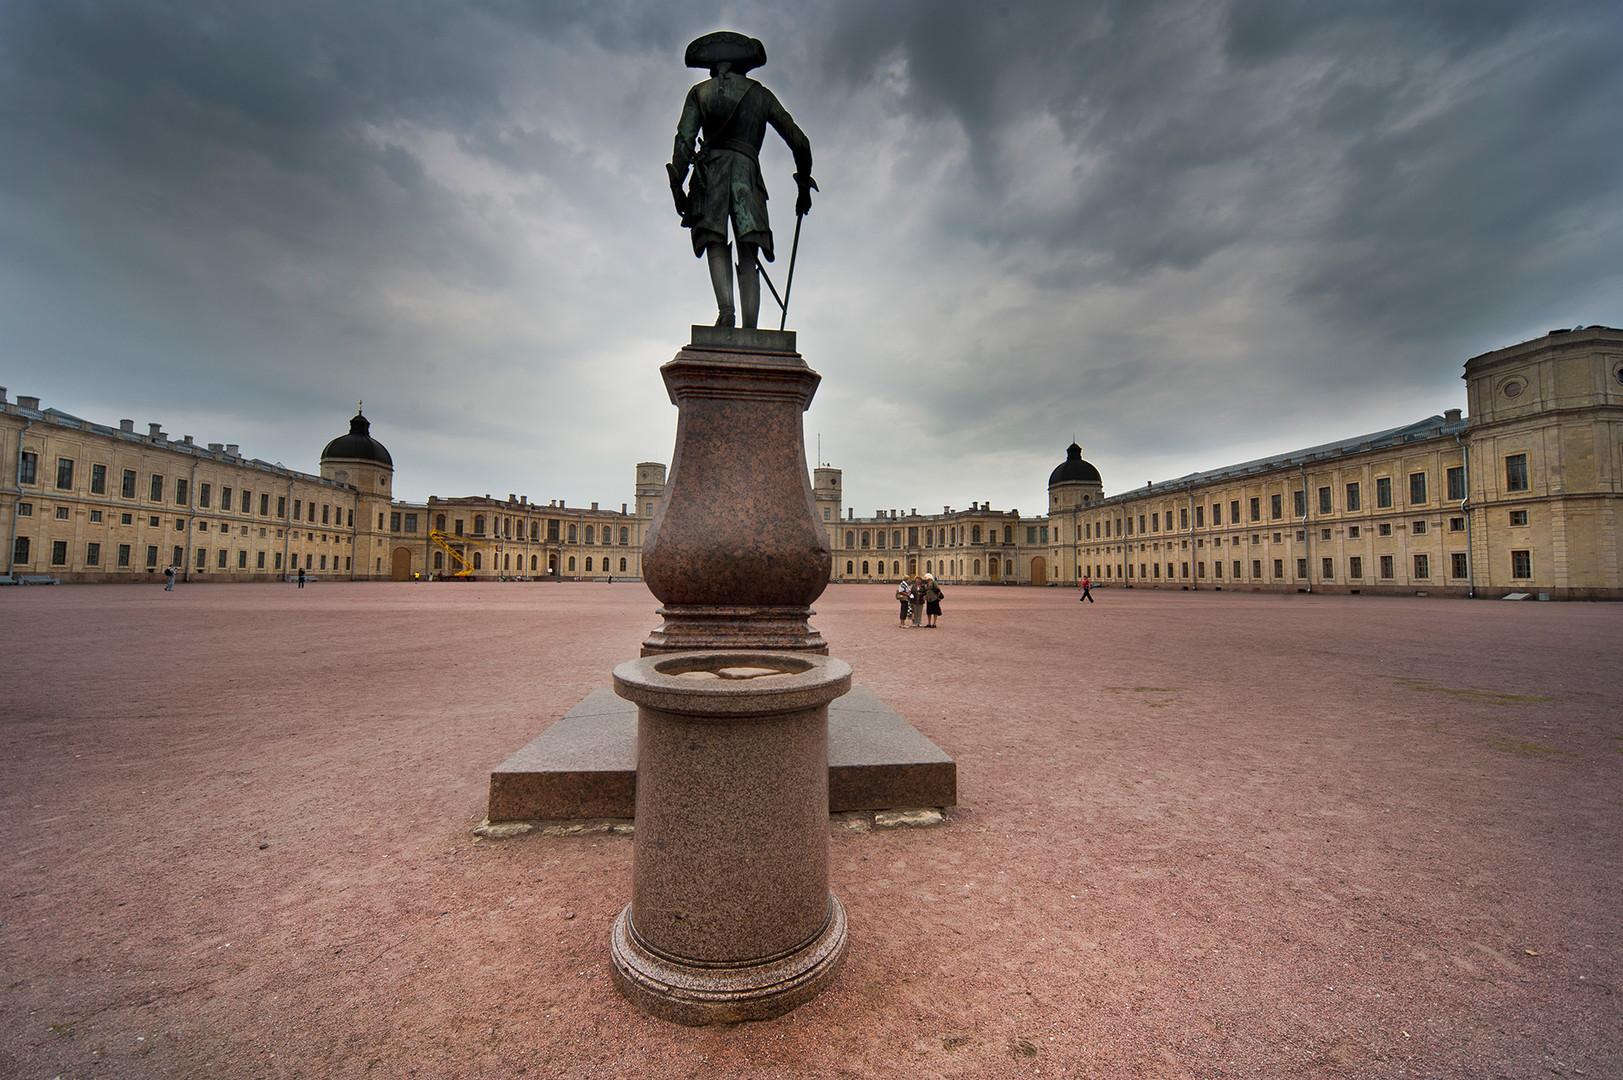 Reiterstandbild in Gattschina bei Sankt Petersburg